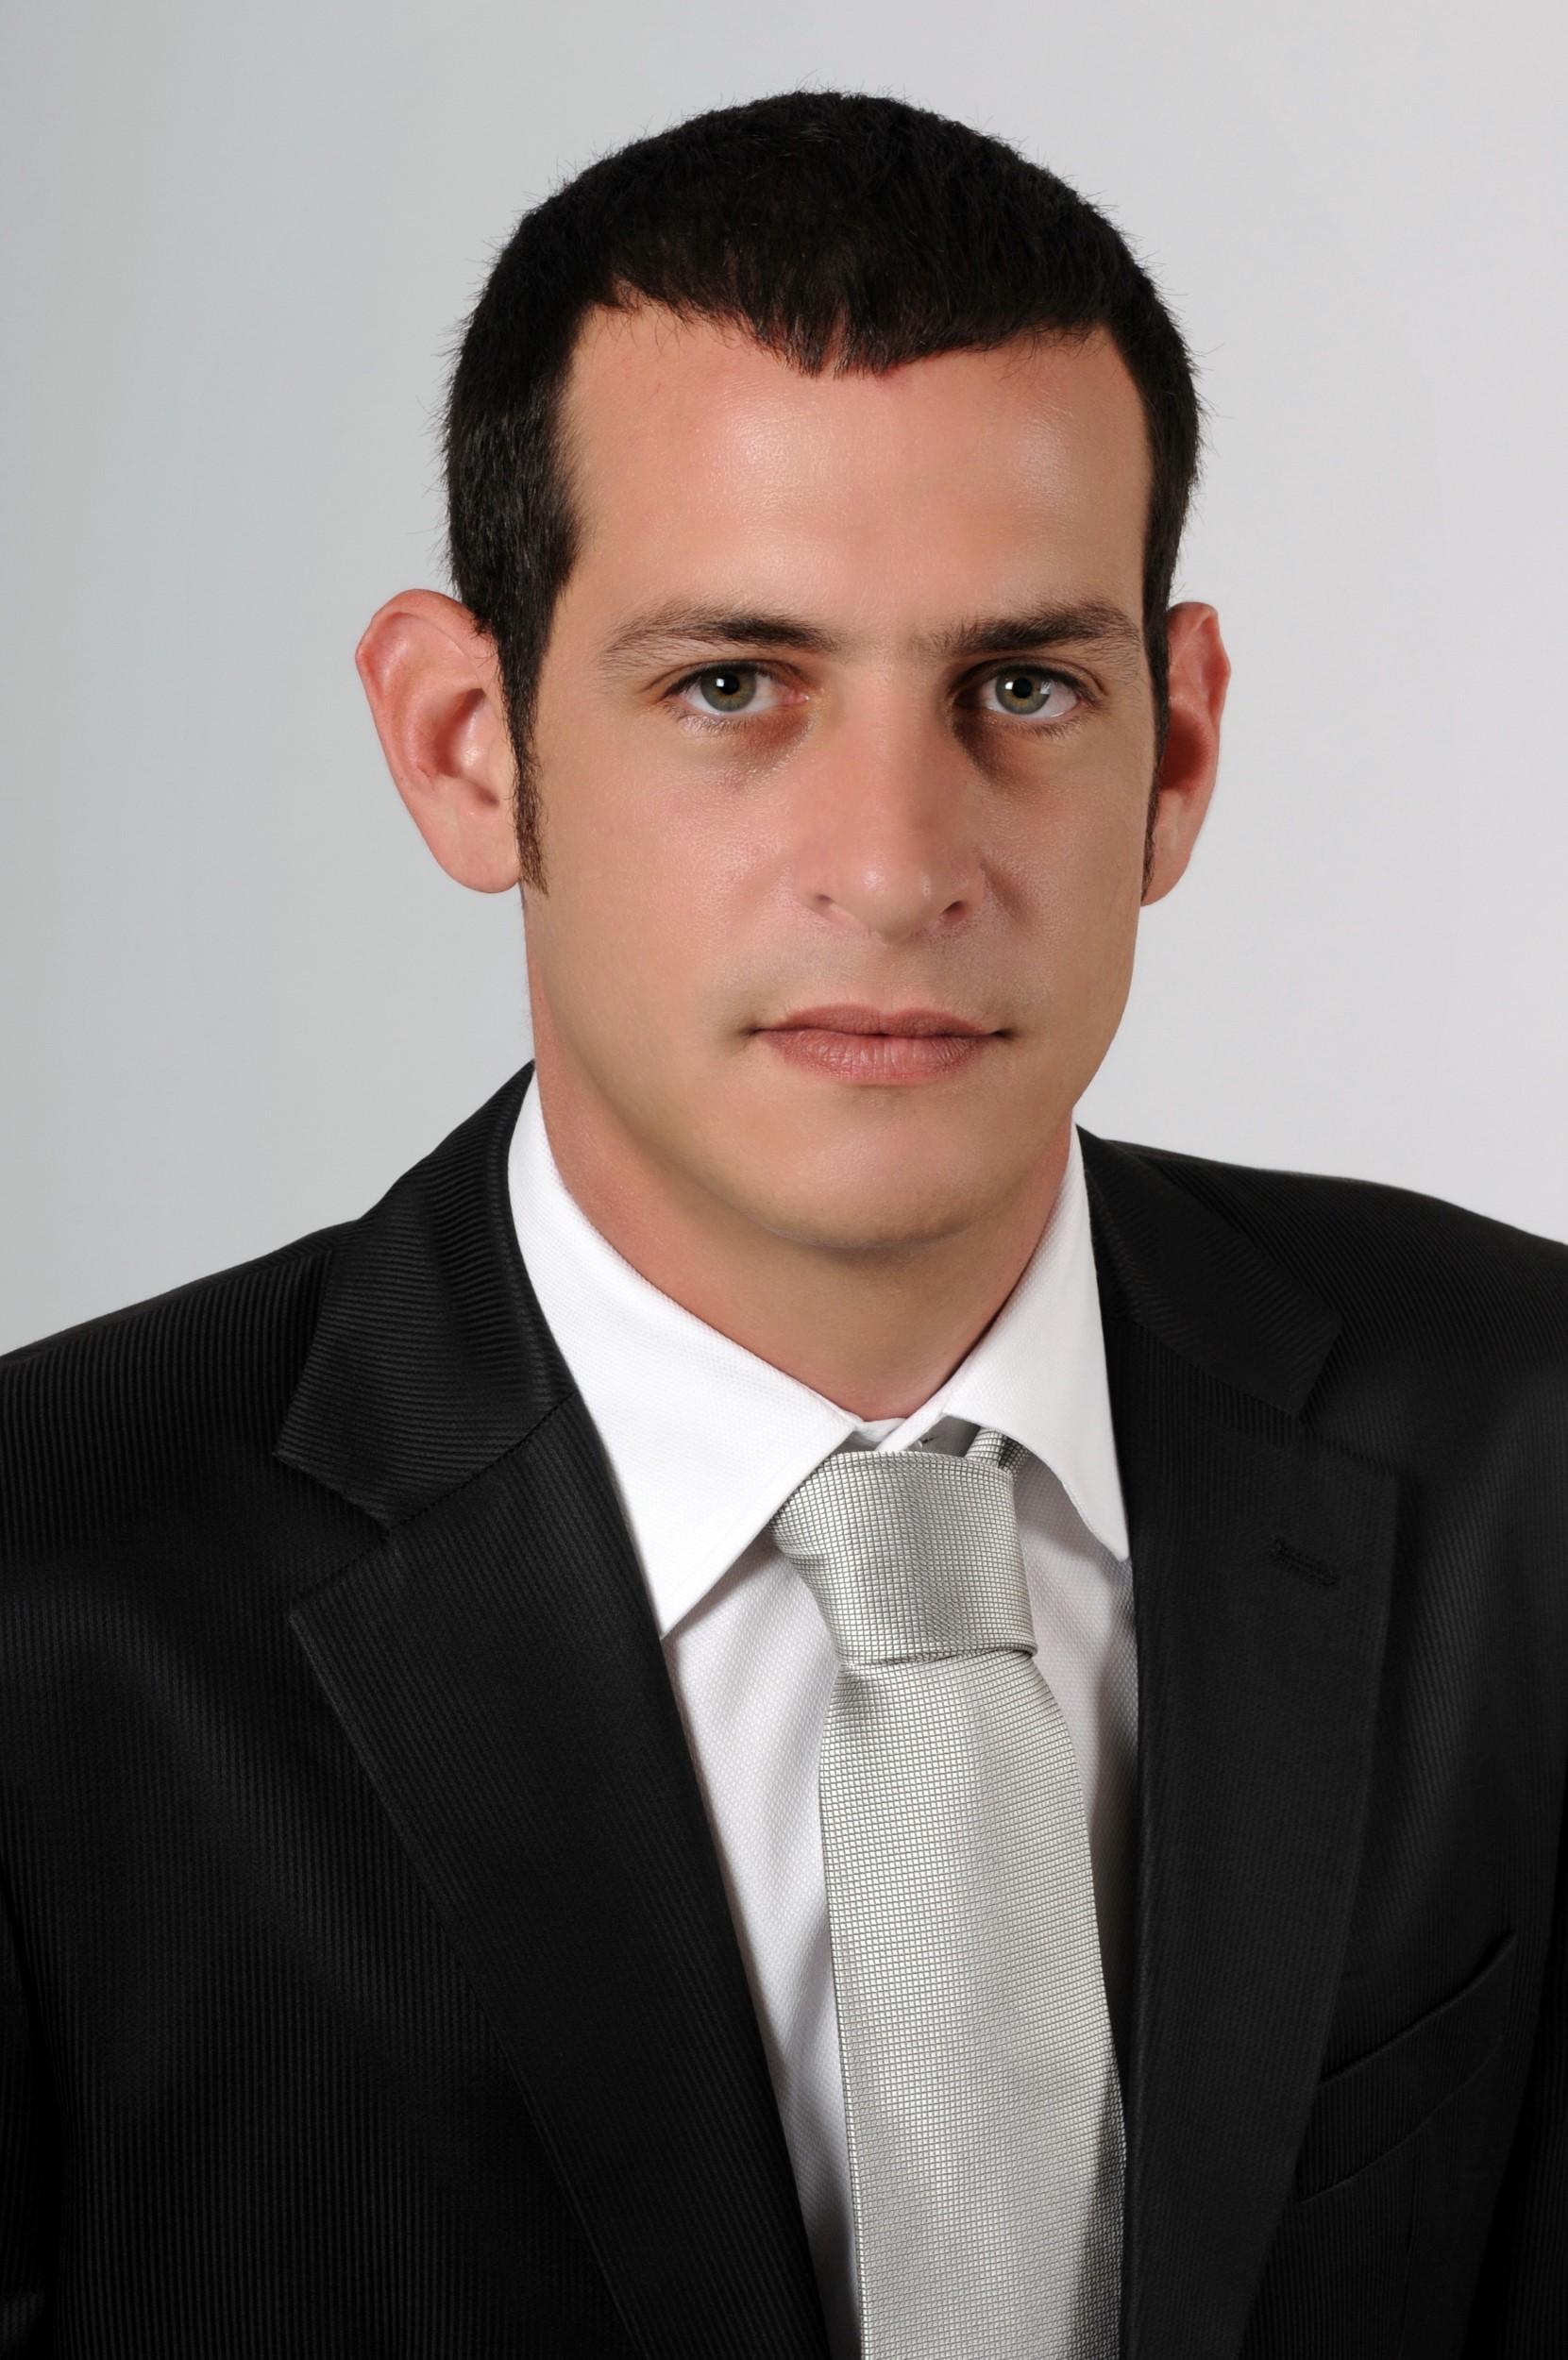 עוד גיא שפנצר מנכל פול מיטשל בישראל צילום דניאל בבצ'יק